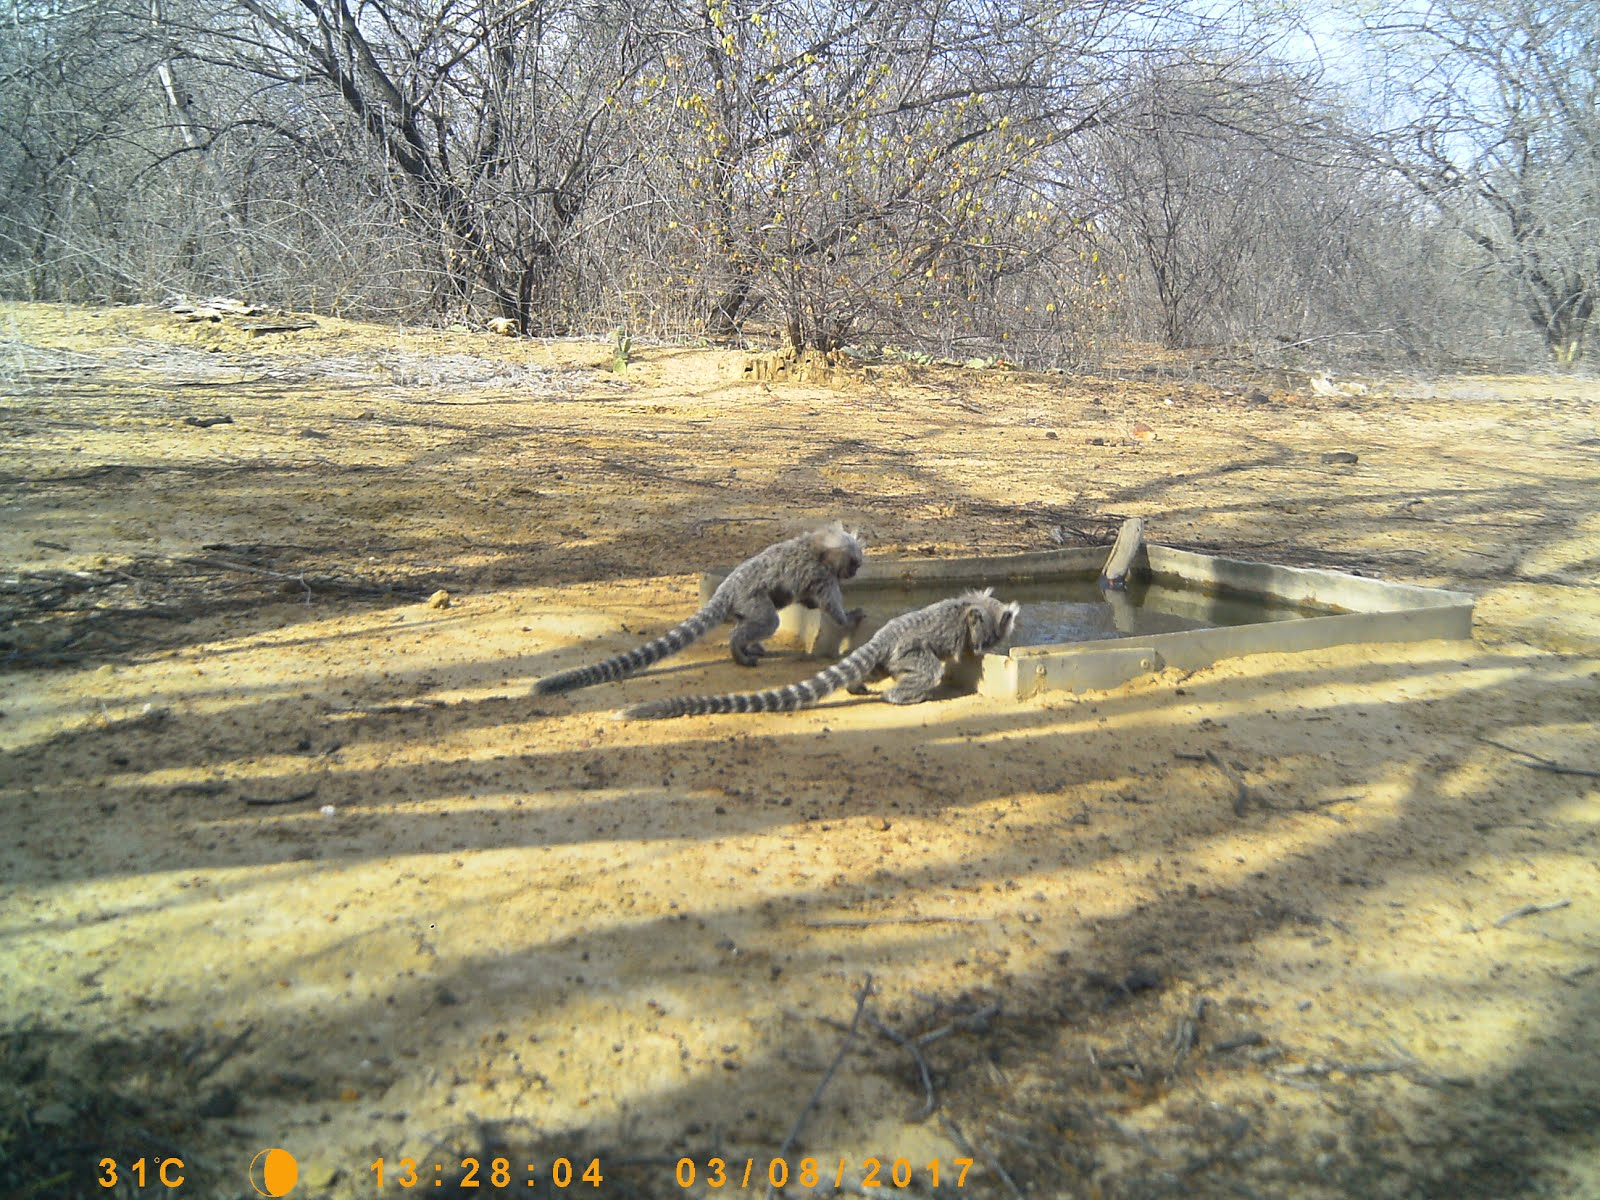 Micos da caatinga bebendo água